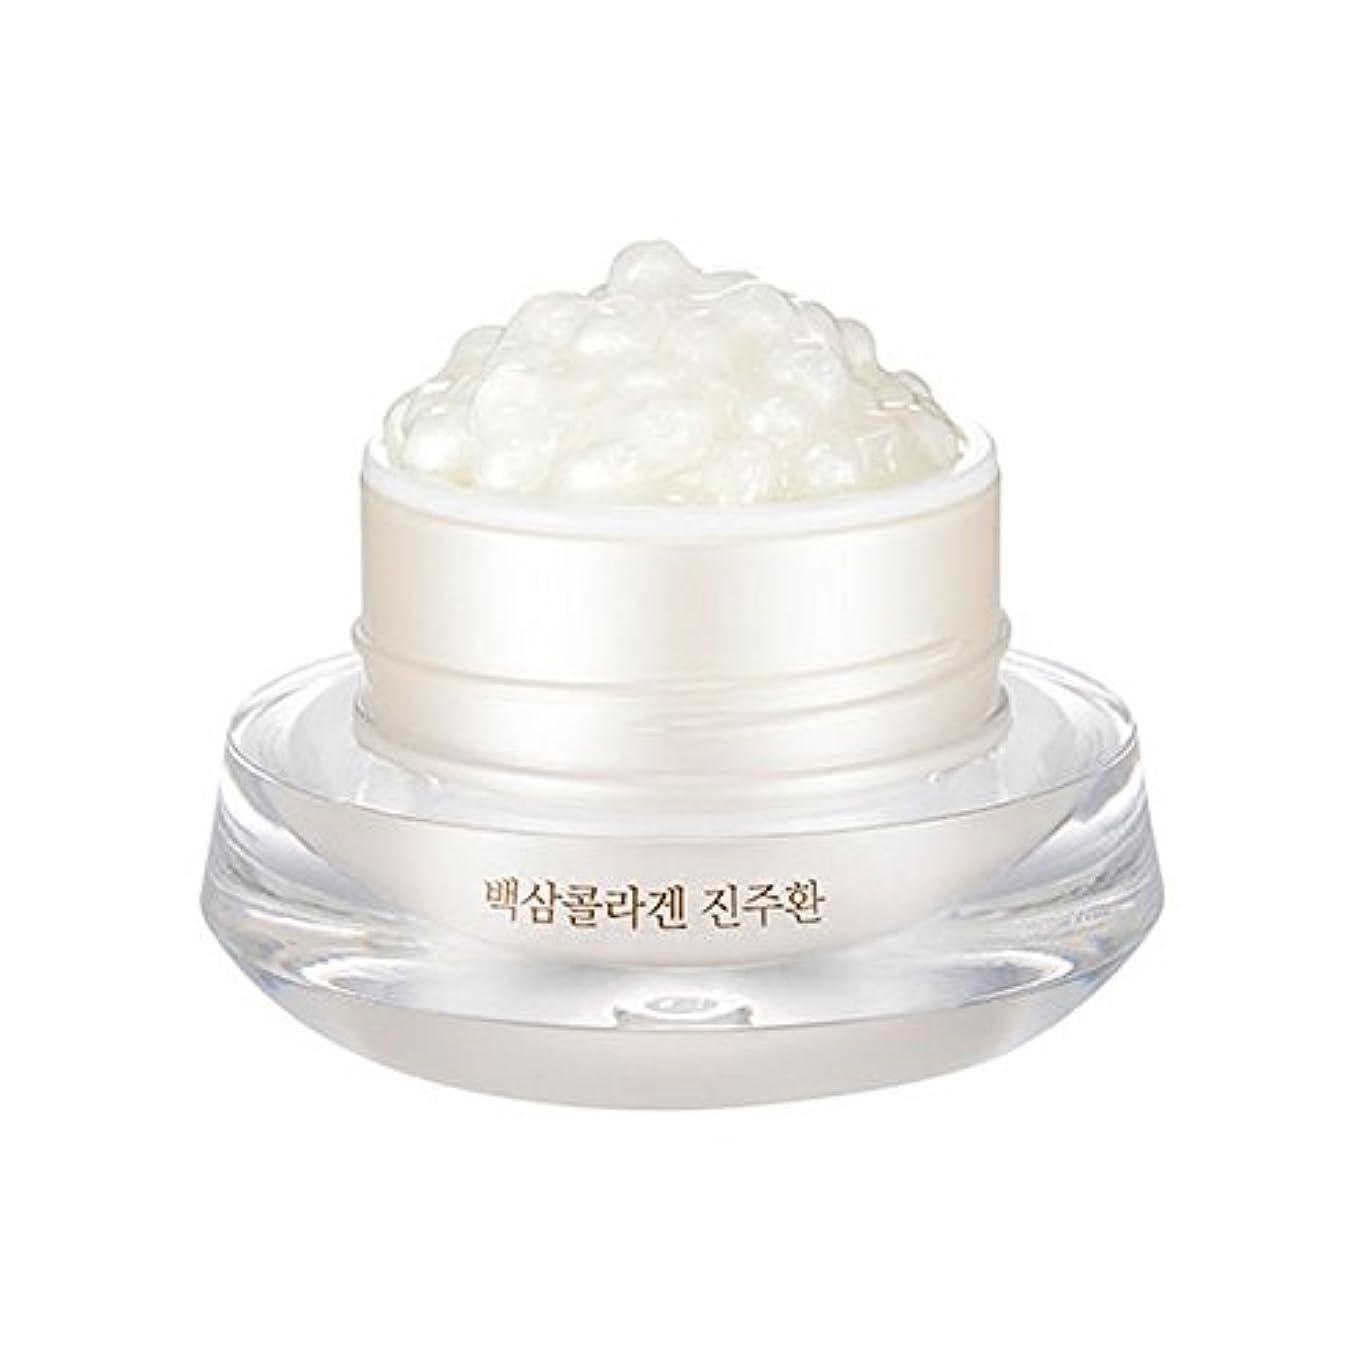 公園画像文法[ザ?フェイスショップ] The Face Shop 白参 コラーゲン パール カプセルクリーム White Ginseng Collagen Pearl Capsule Cream [並行輸入品]